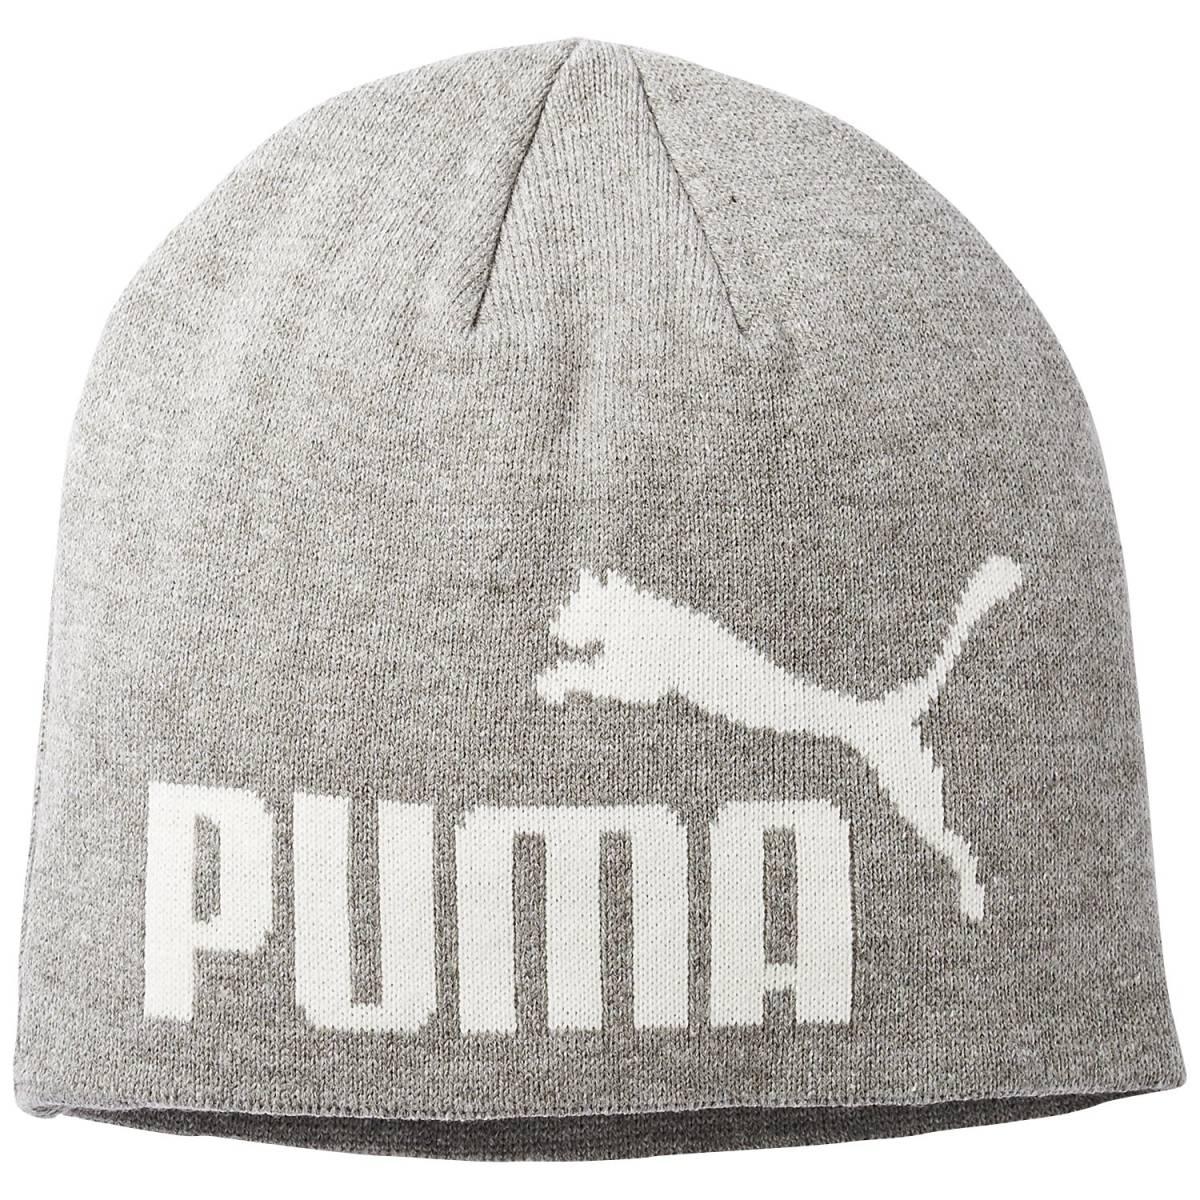 送料無料●新品未使用●プーマ 福袋 レディース puma 送料無料 パーカー スウェット リュック 帽子 Tシャツ Lサイズ